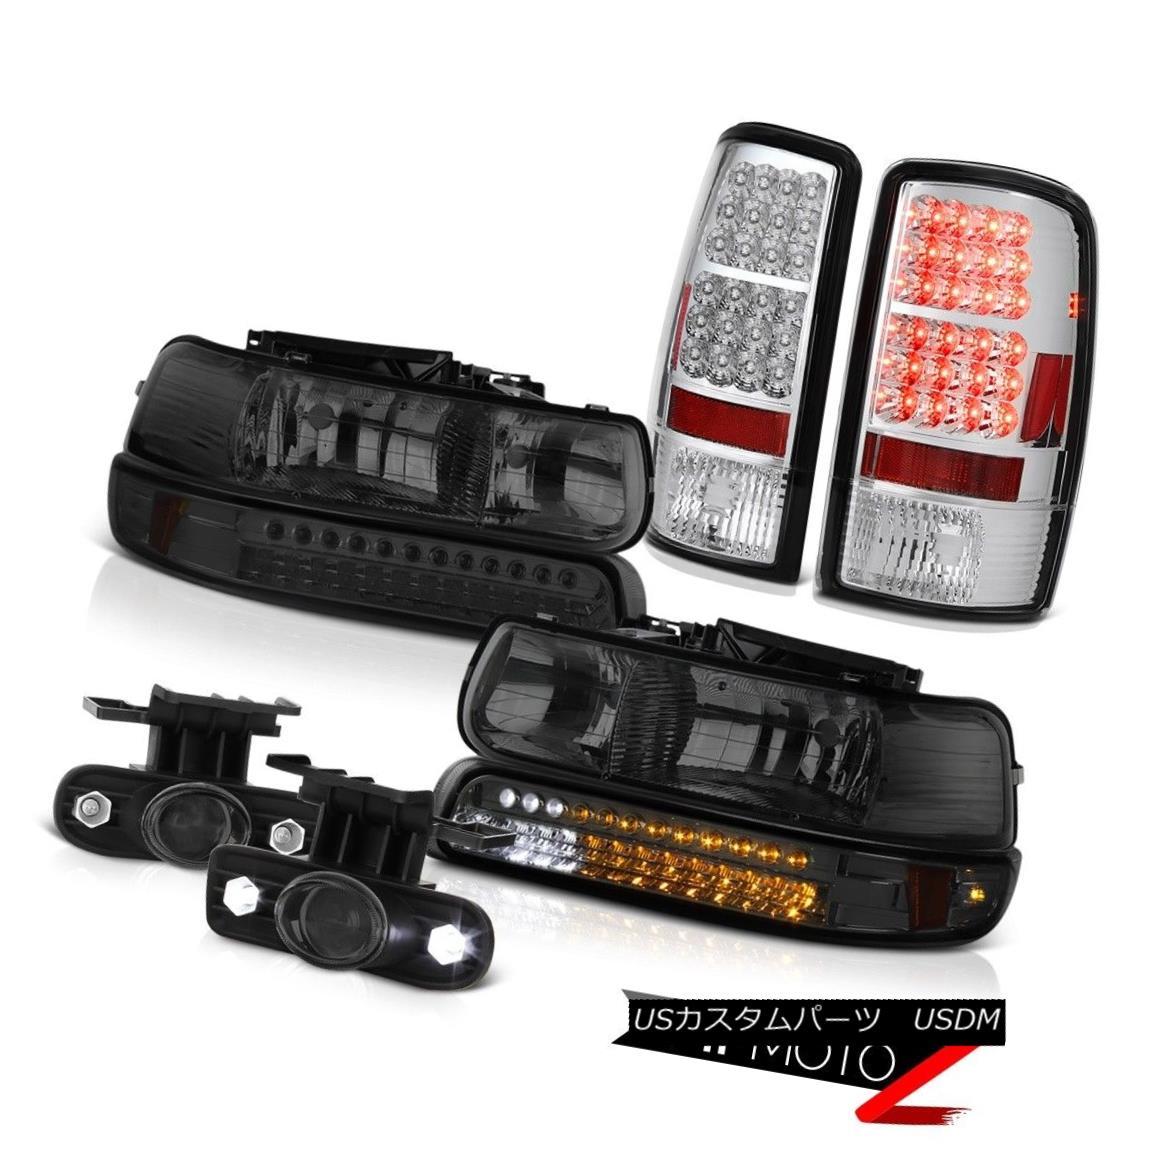 ヘッドライト Smoke LED Bumper Headlight Headlamp 2000-06 Chevy Tahoe Tail Light Projector Fog スモークLEDバンパーヘッドライトヘッドランプ2000-06 Chevy Tahoeテールライトプロジェクターフォグ